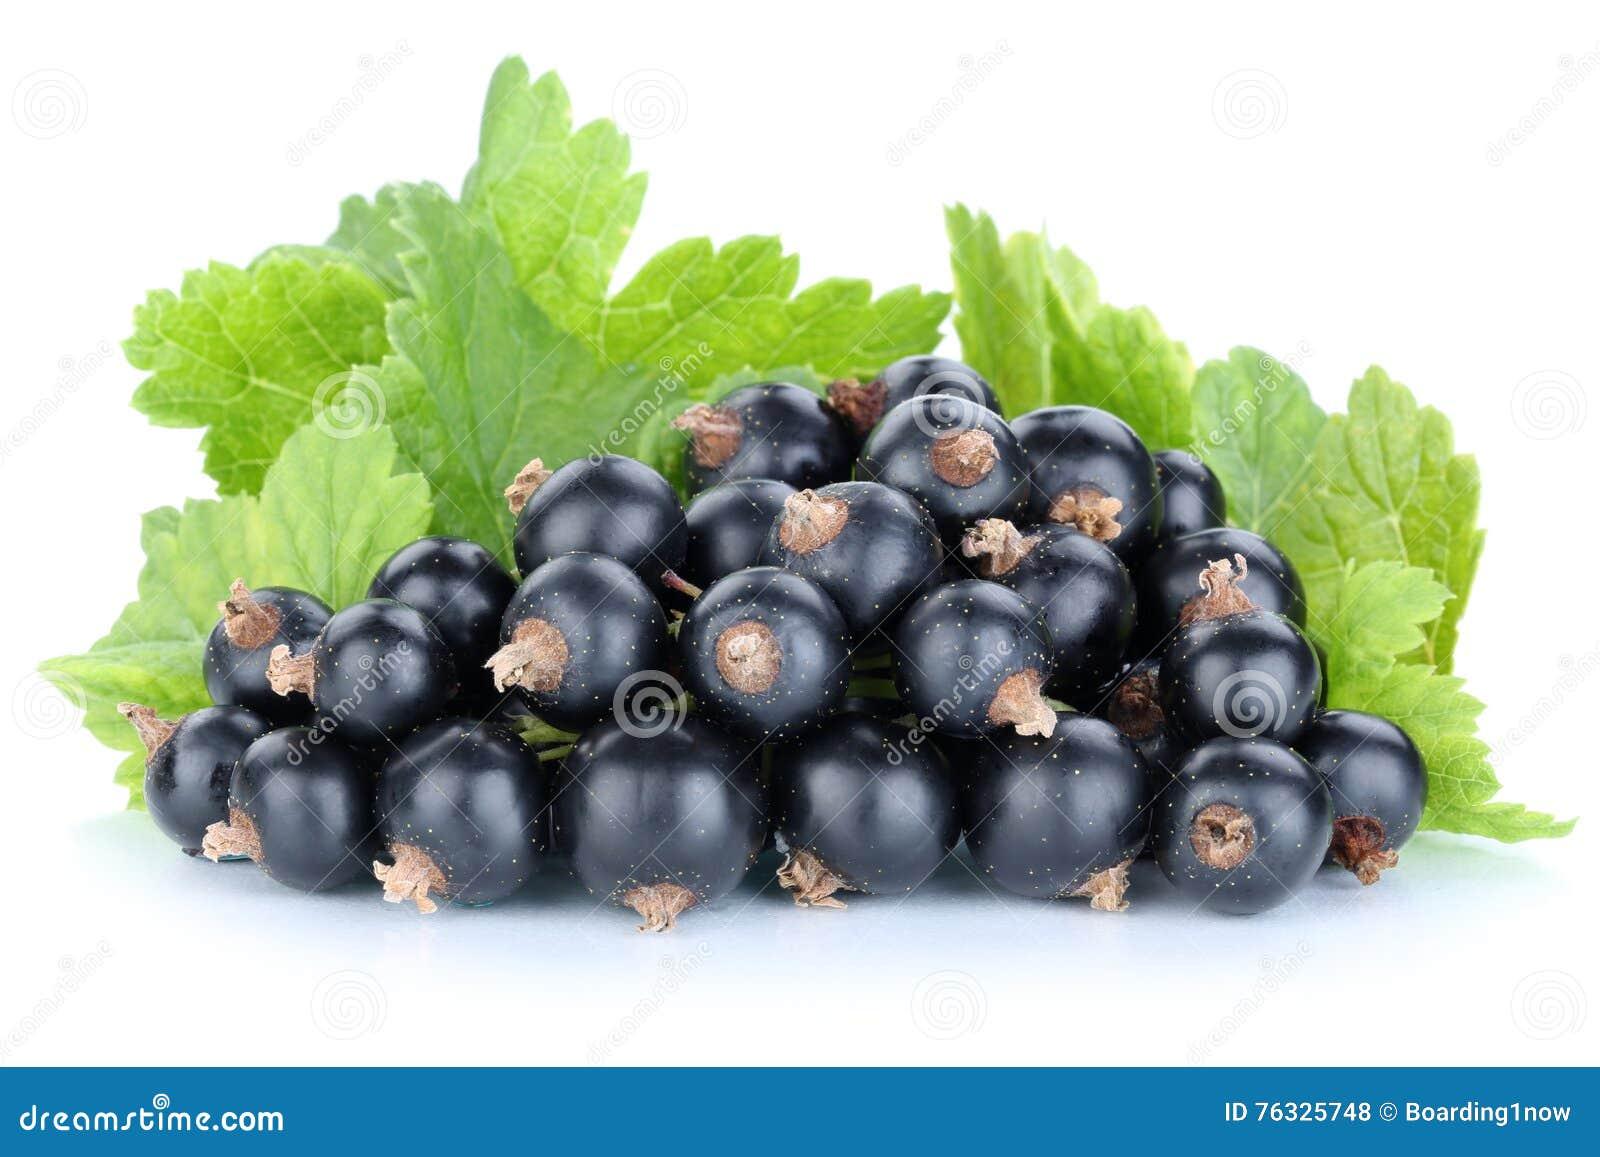 Fruto dos frutos de bagas dos corintos do corinto preto isolado